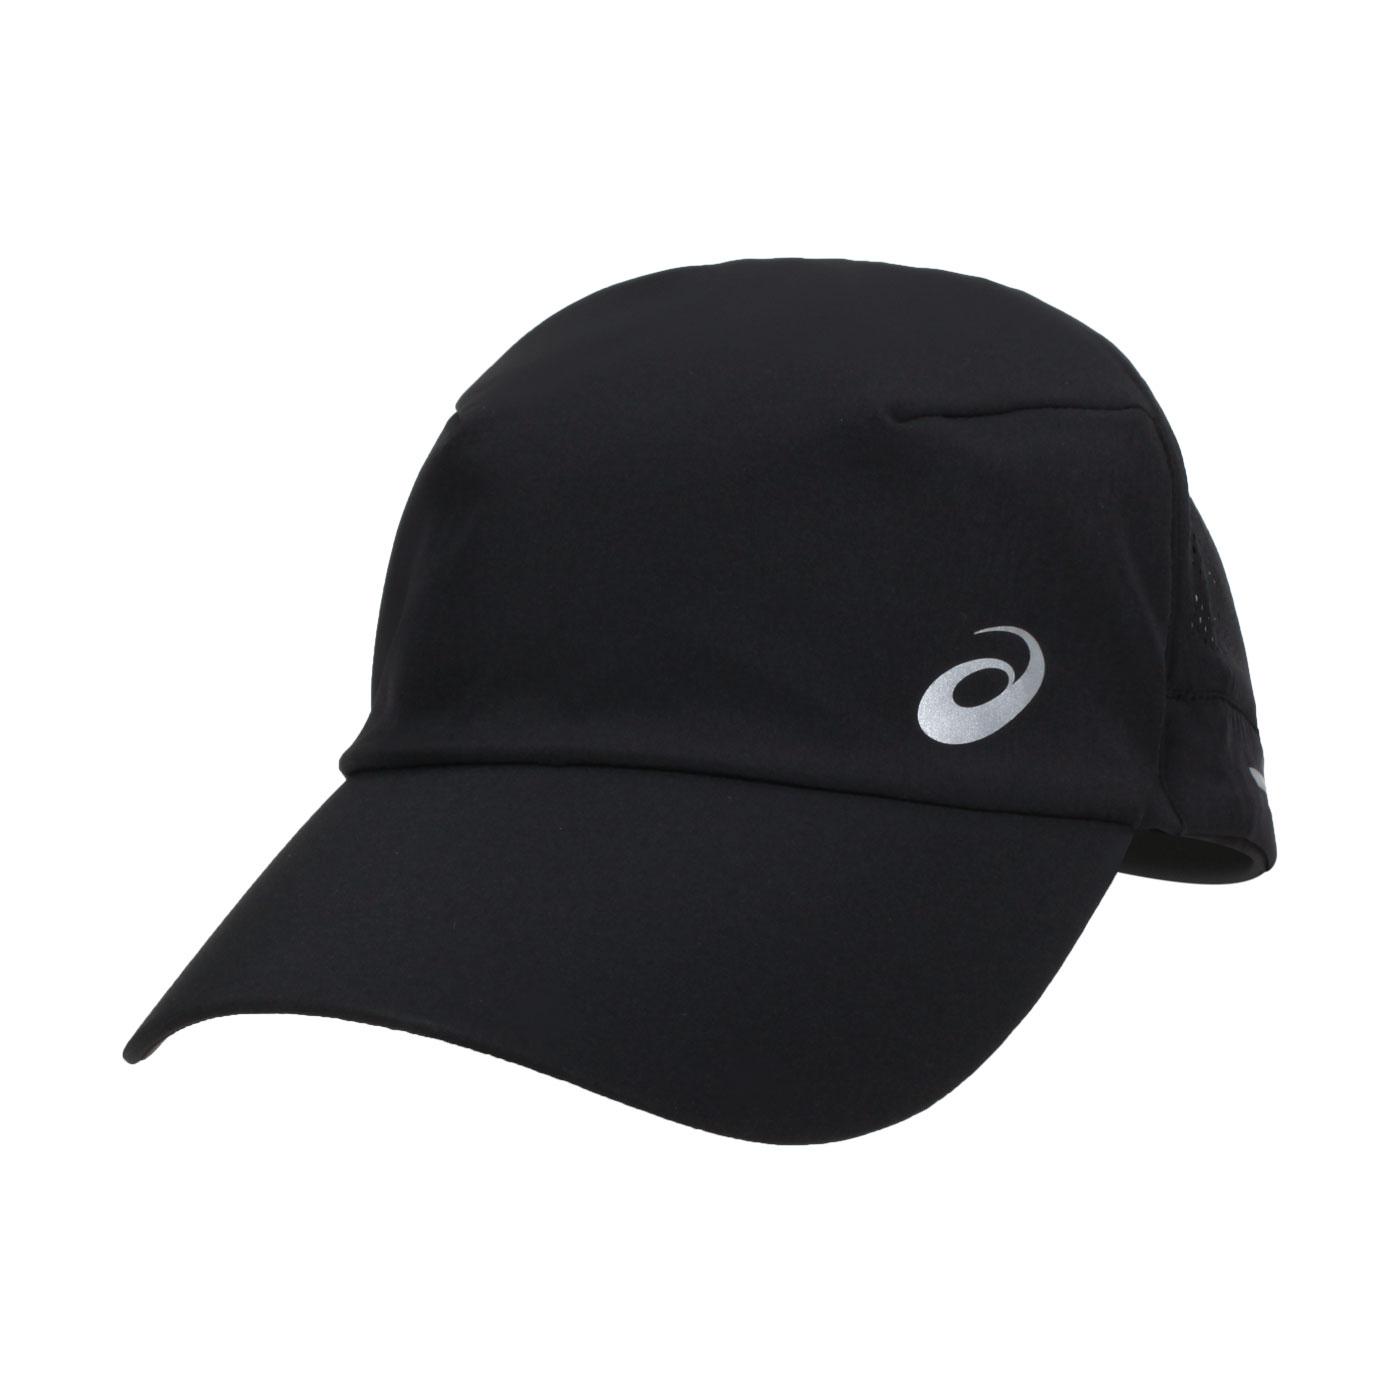 ASICS 跑步透氣帽 3013A457-002 - 黑銀